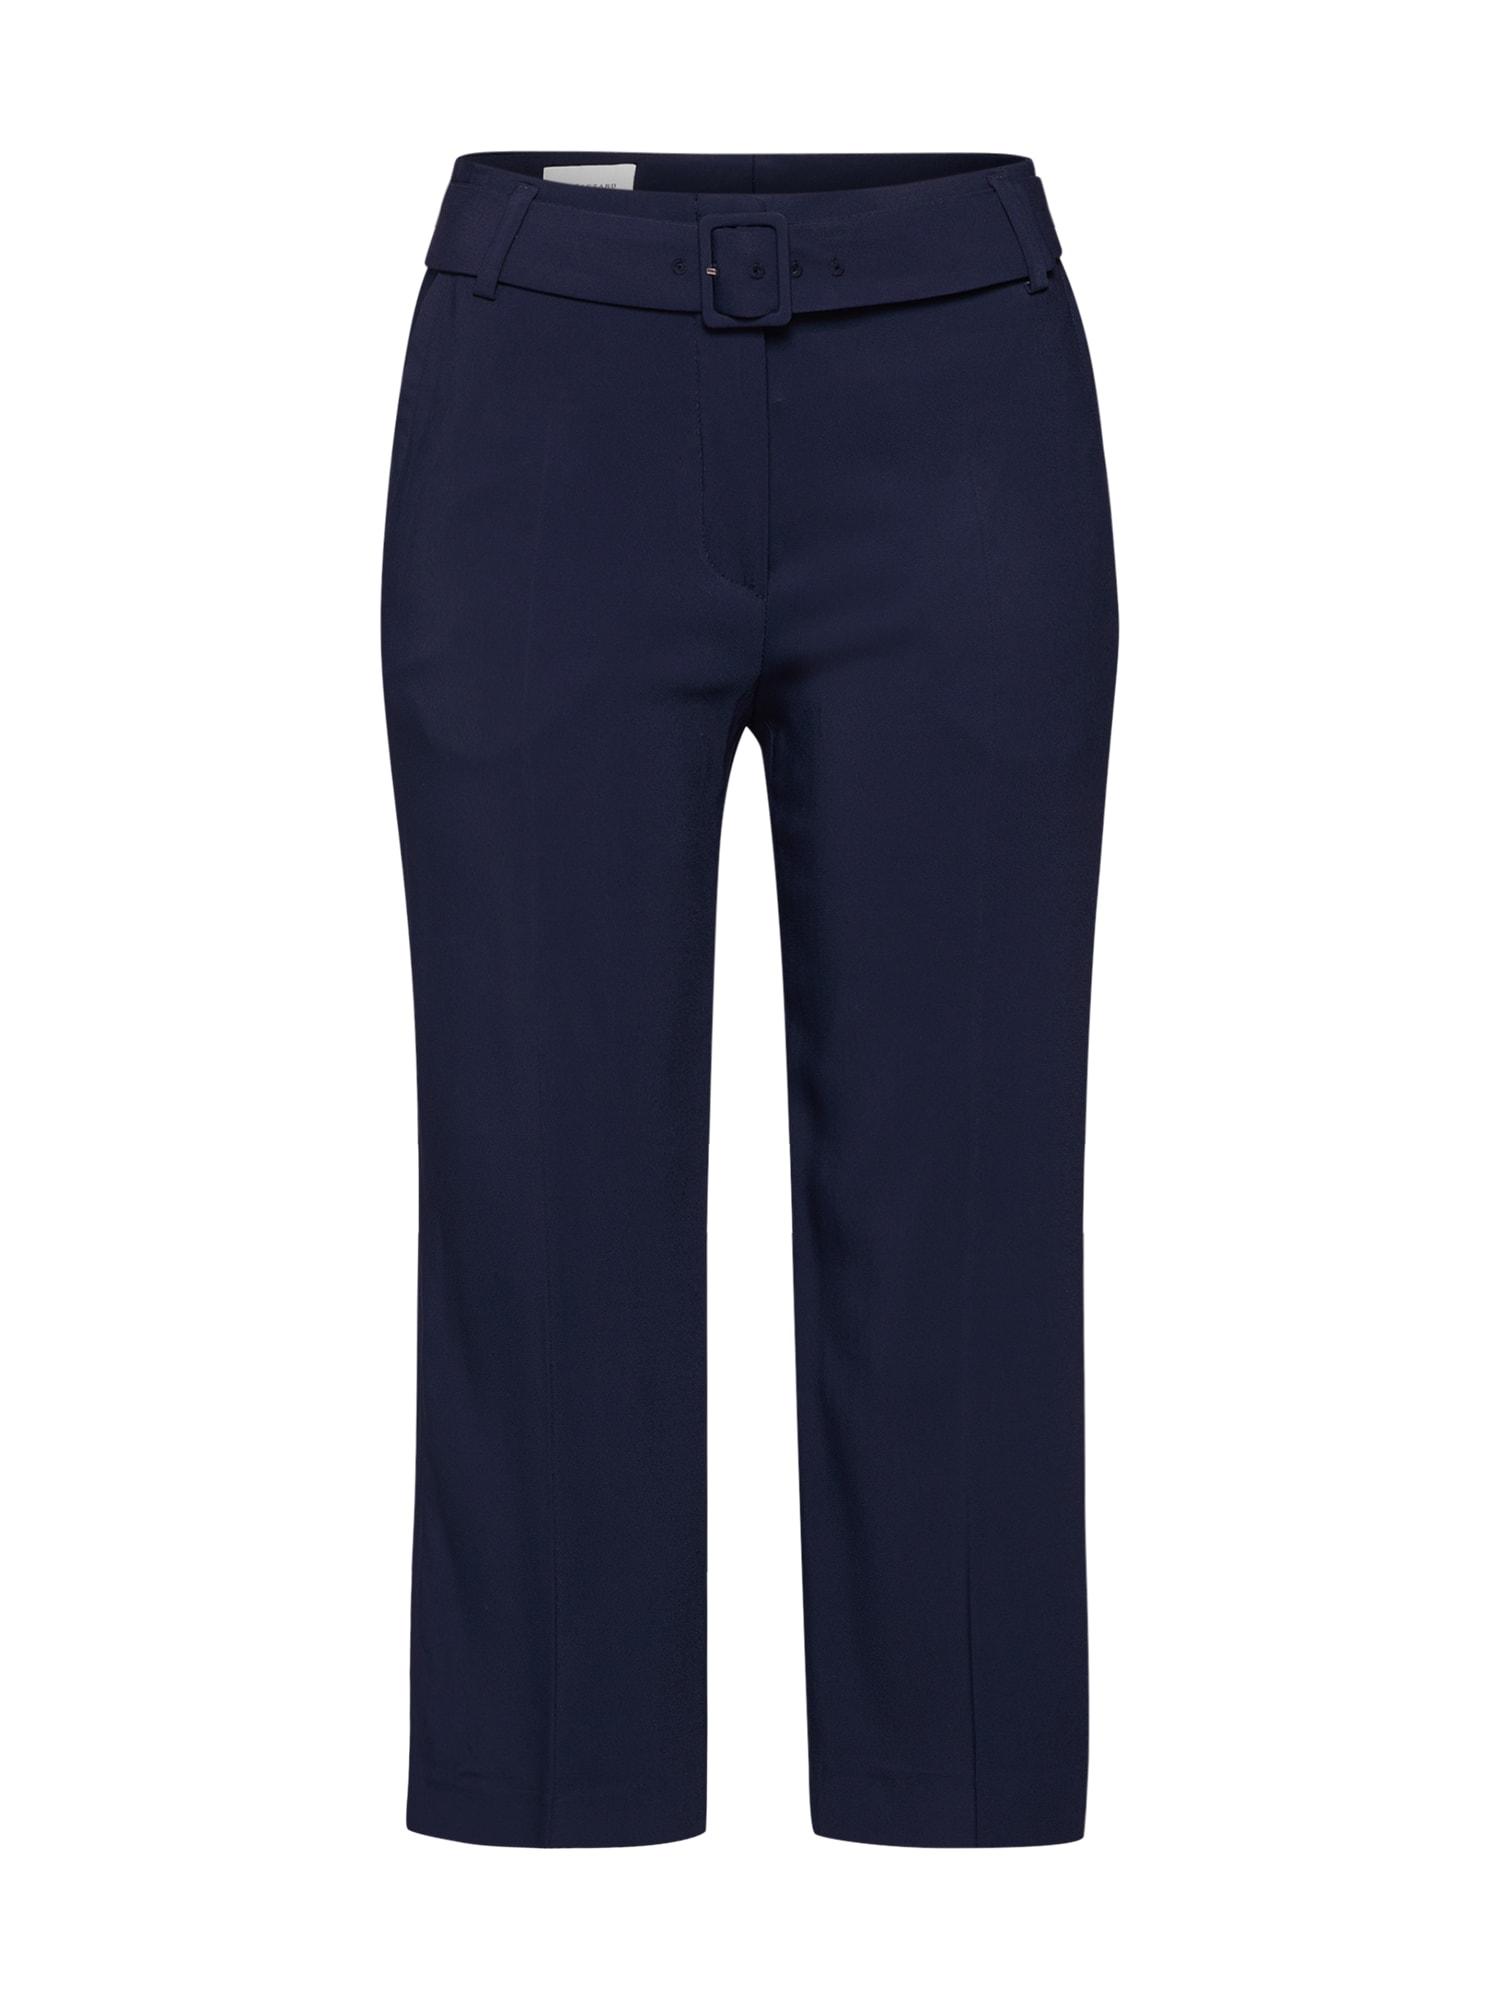 Kalhoty s puky F041S marine modrá RENÉ LEZARD